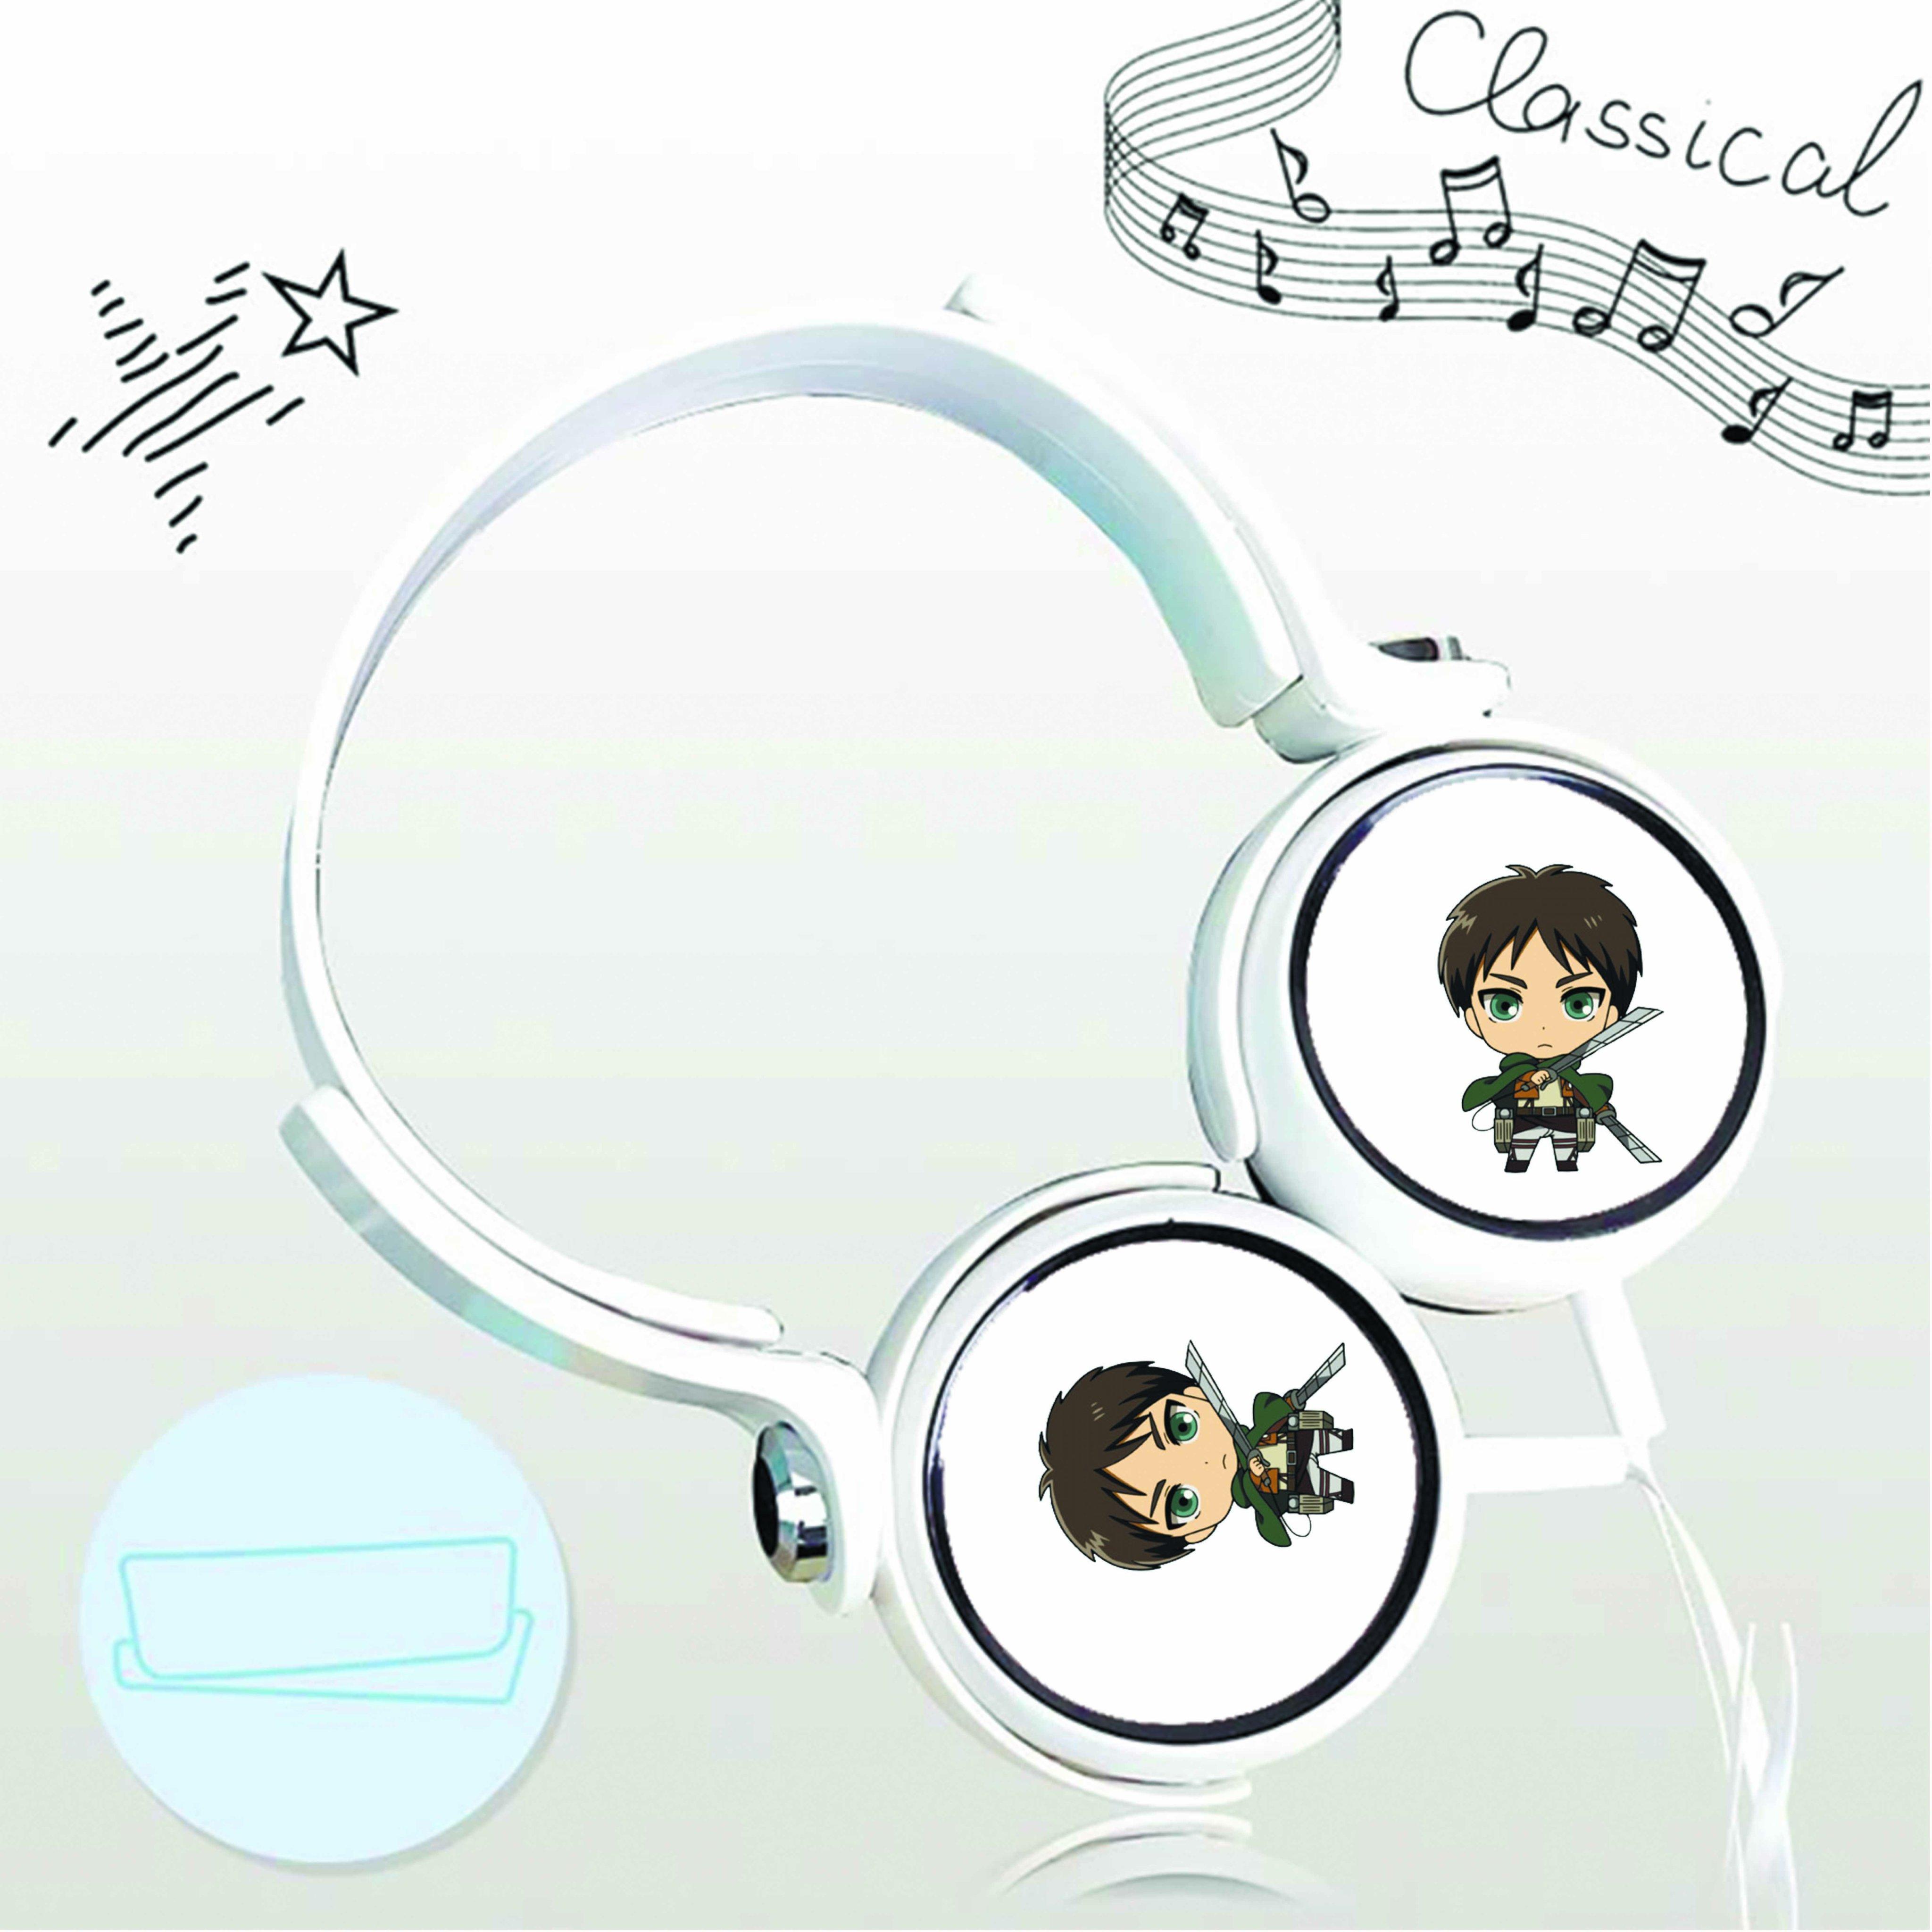 Tai nghe chụp in hình Attack On Titan - Đại Chiến Titan anime chibi cắm dây có mic